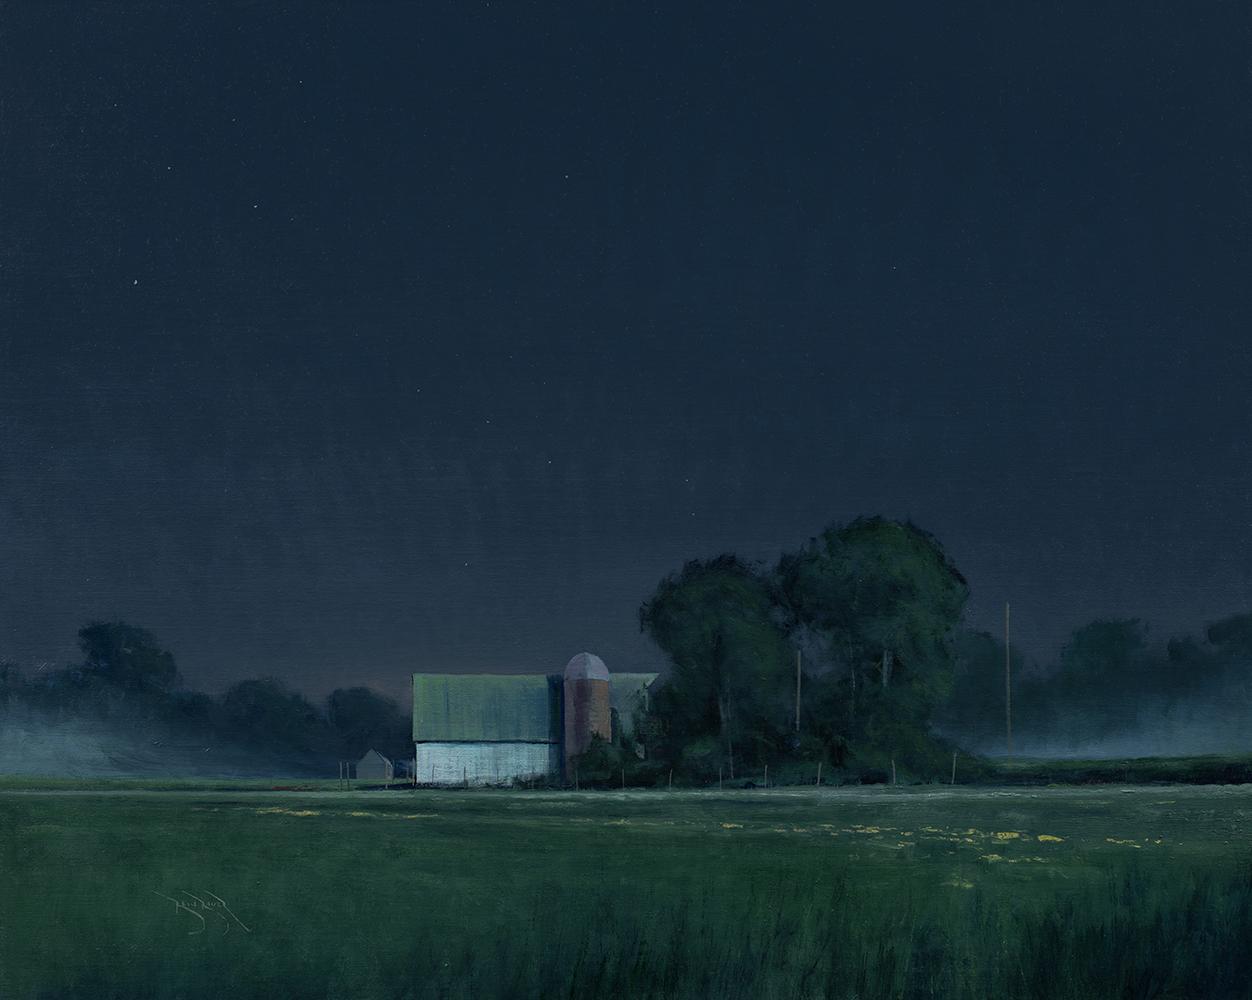 ben_bauer_bb1135_moon_fog.jpg